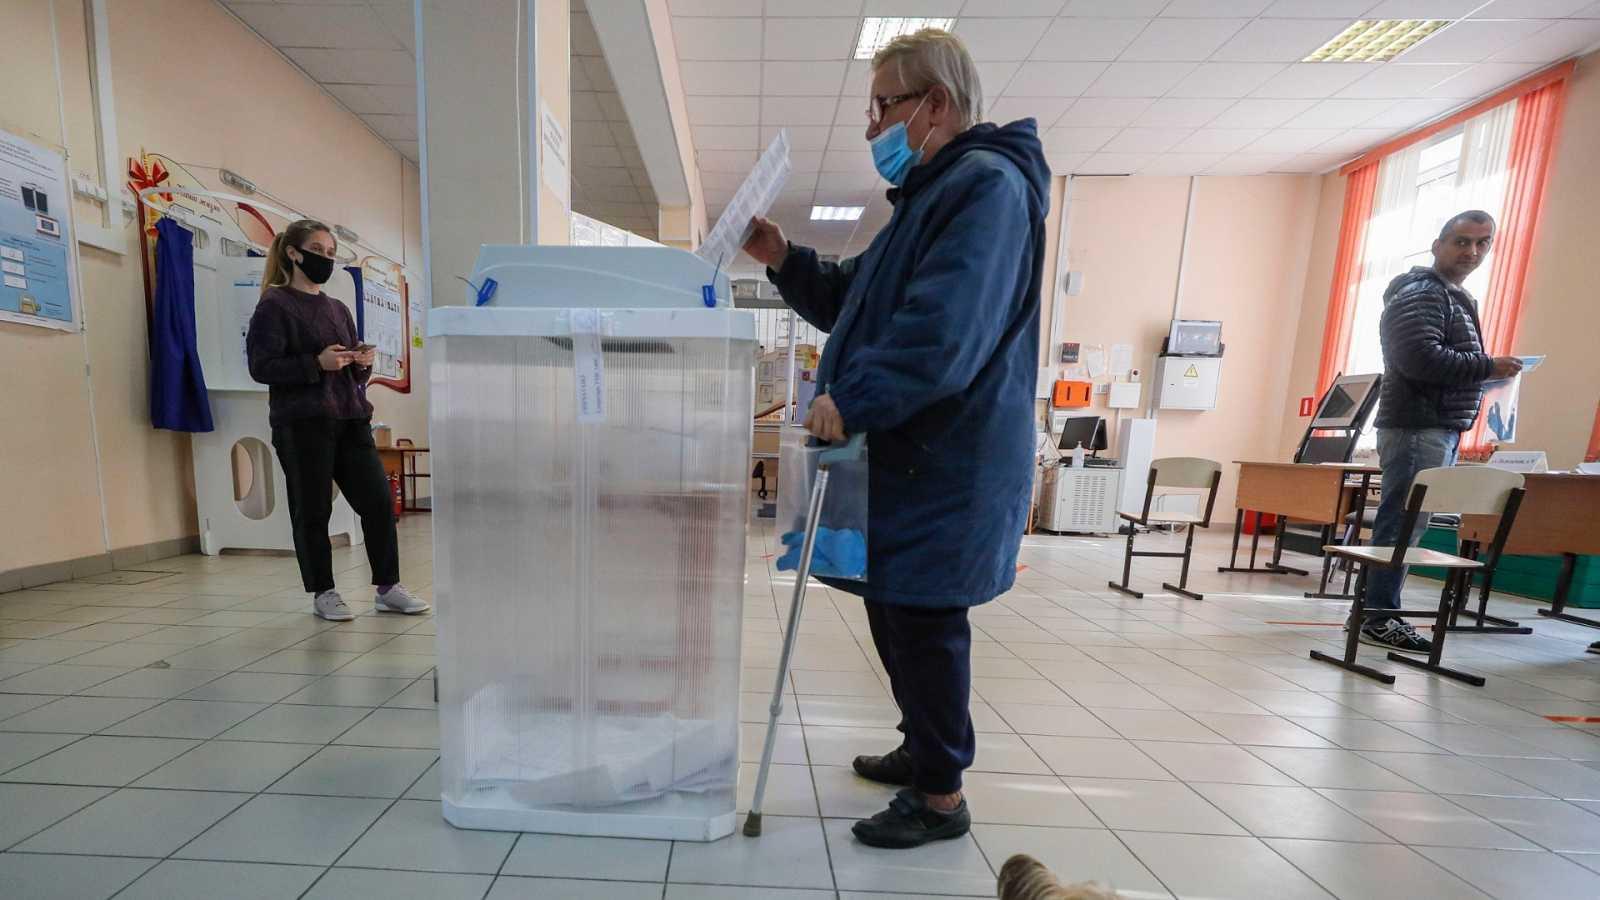 Mujer votando en las elecciones municipales de Moscú, Rusia